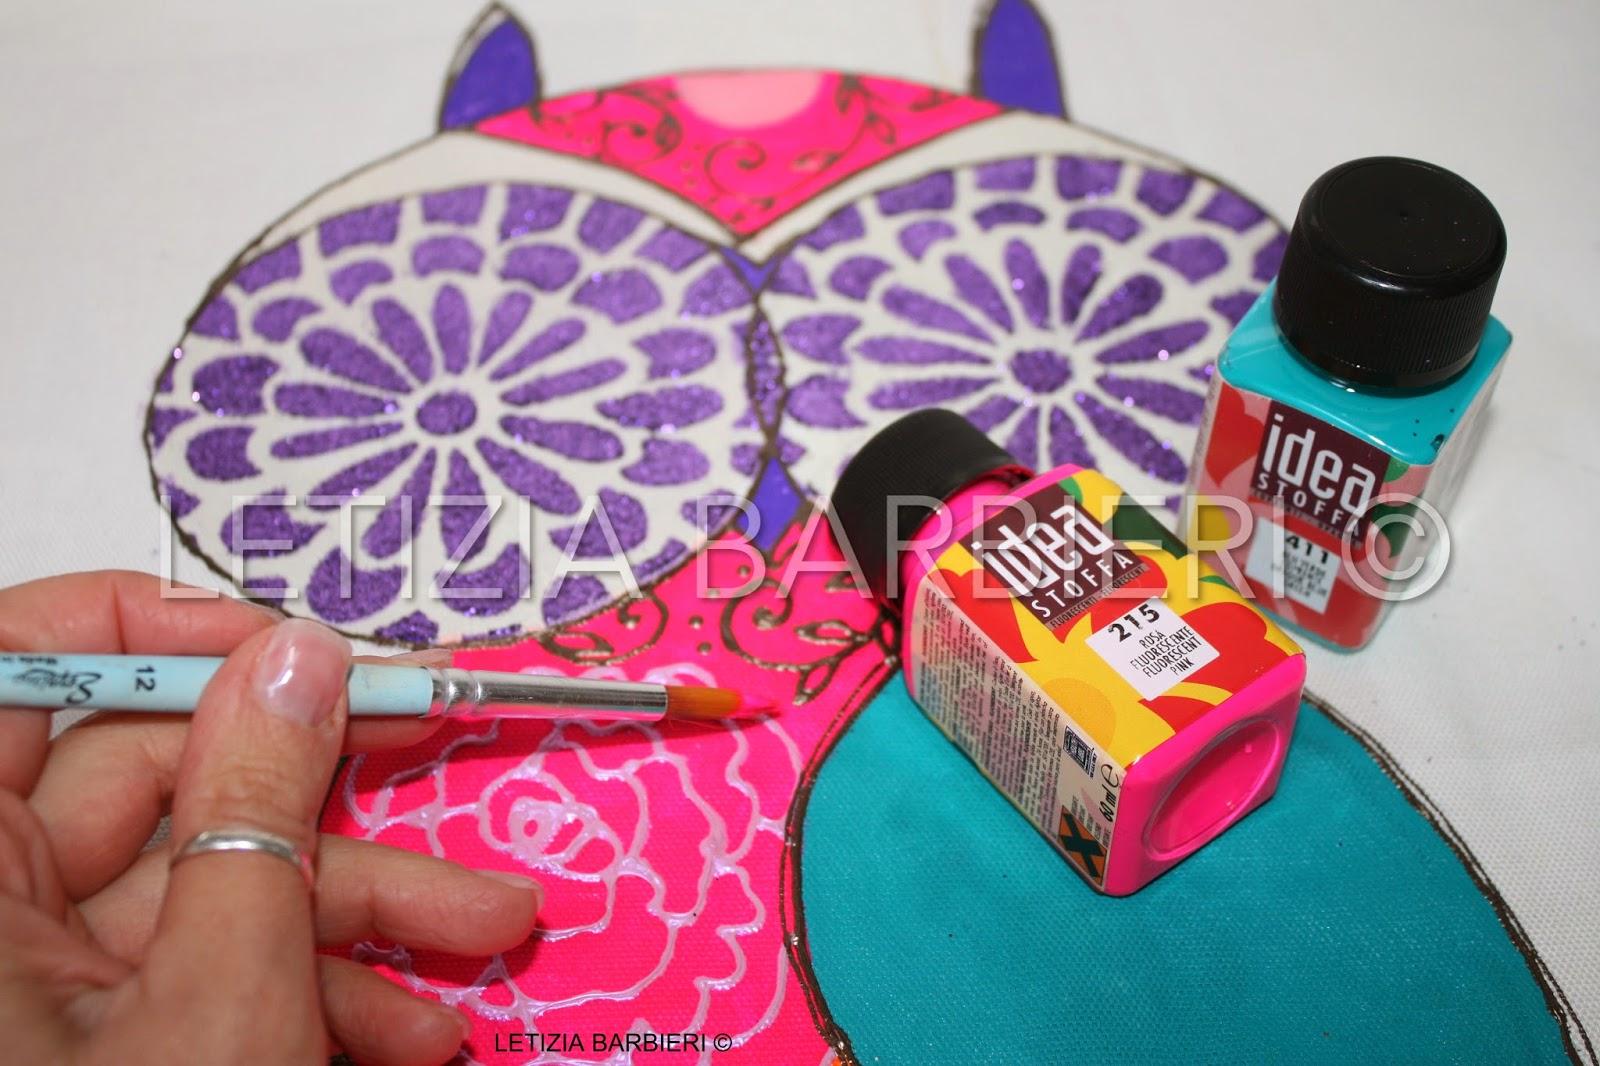 f1f1f797f3 I colori per tessuto Idea Stoffa Maimeri, sono a base d'acqua e si prestano  per diverse tipoligie di decorazione e tecniche. Dal Batik con elastici e  nodi, ...